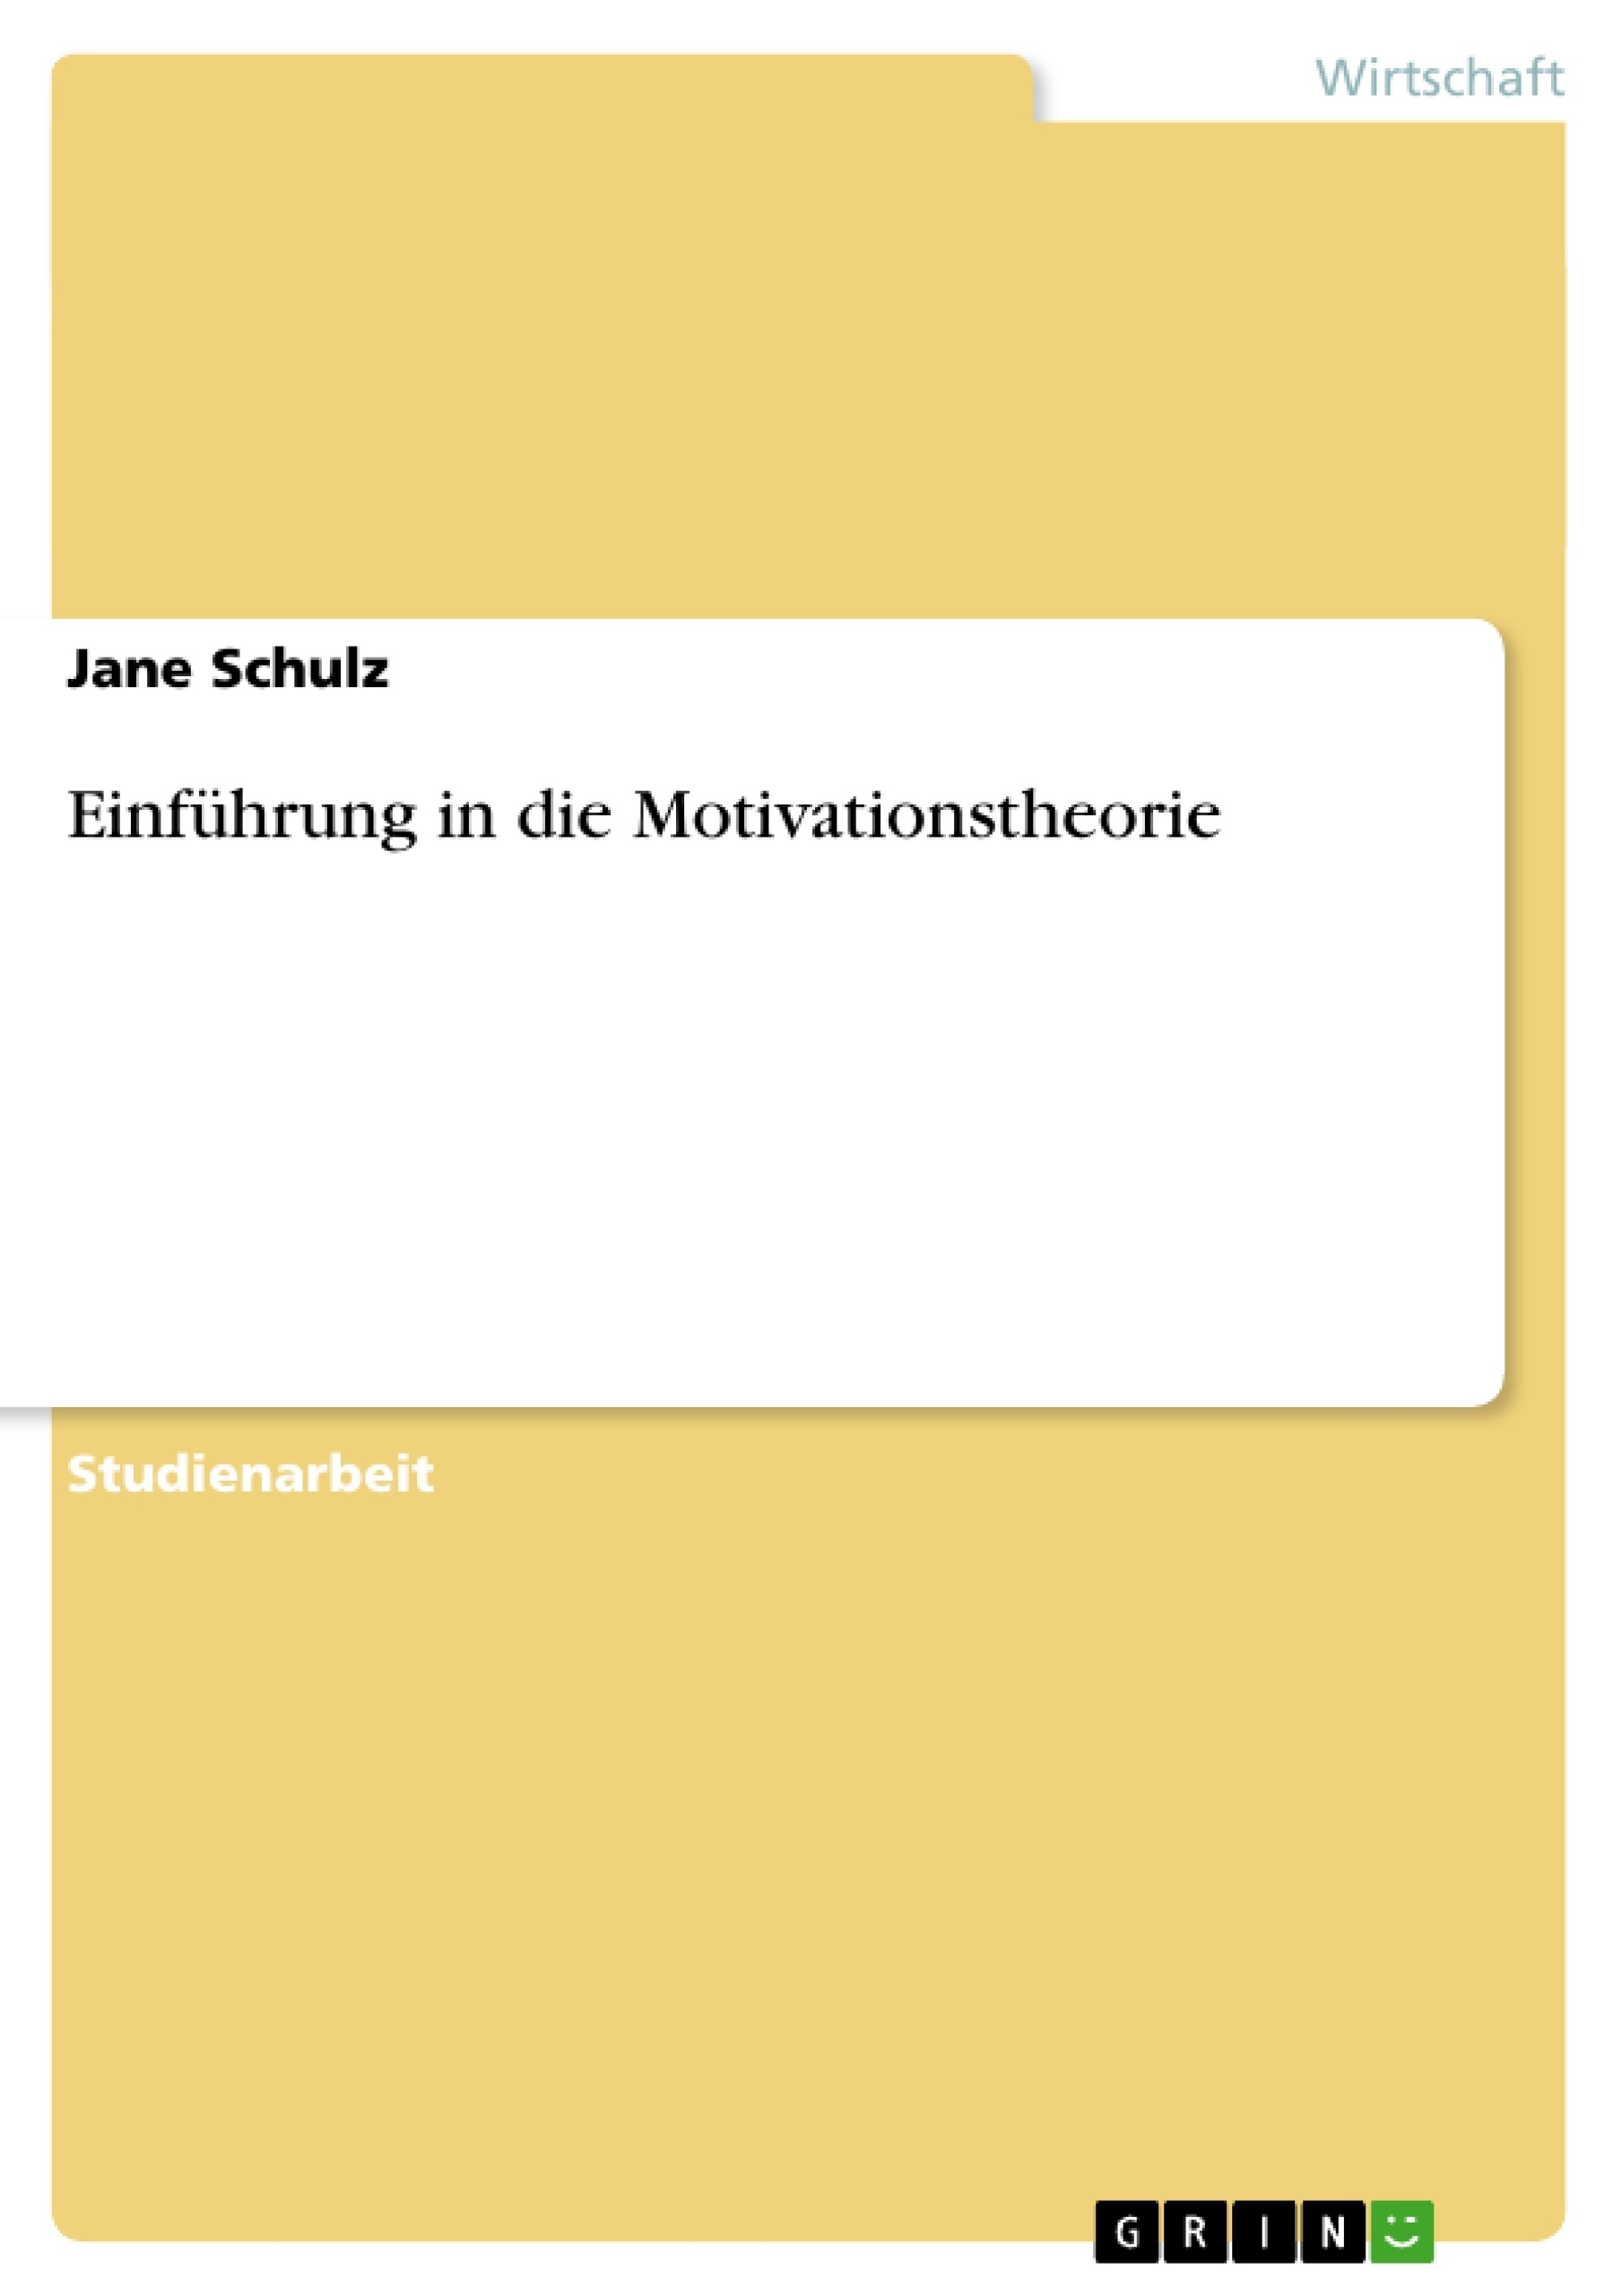 Titel: Einführung in die Motivationstheorie